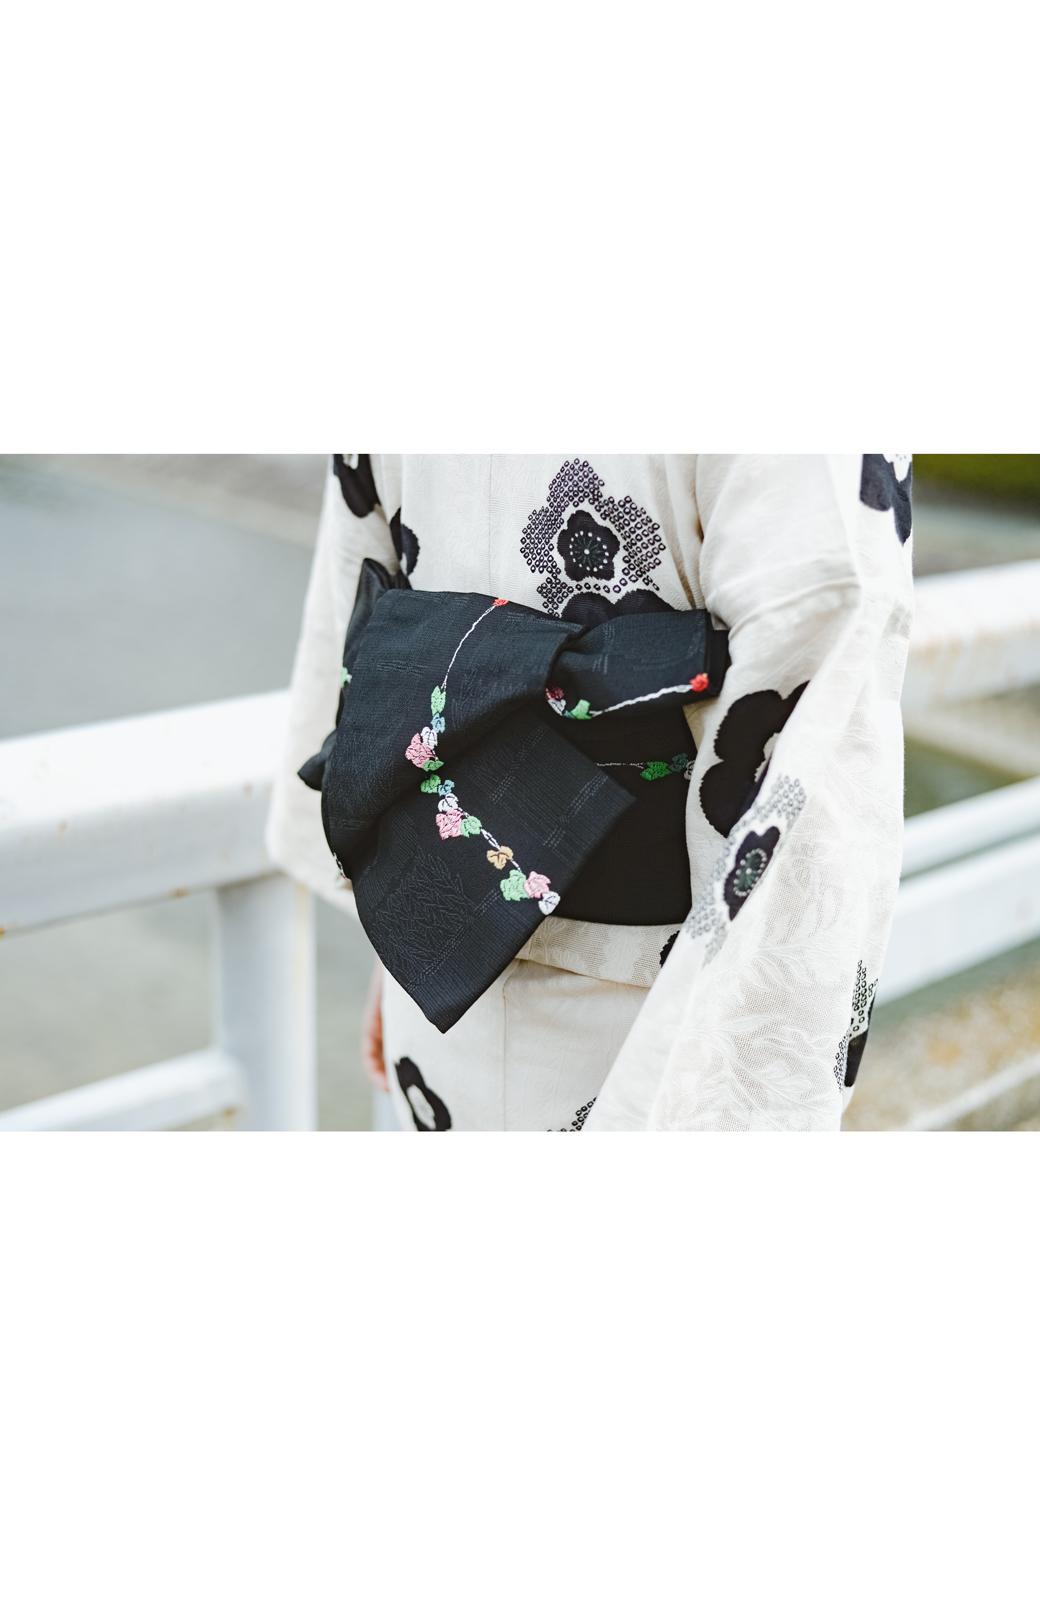 haco! ひでや工房 京都の半巾帯 つた柄 <ブラック>の商品写真8